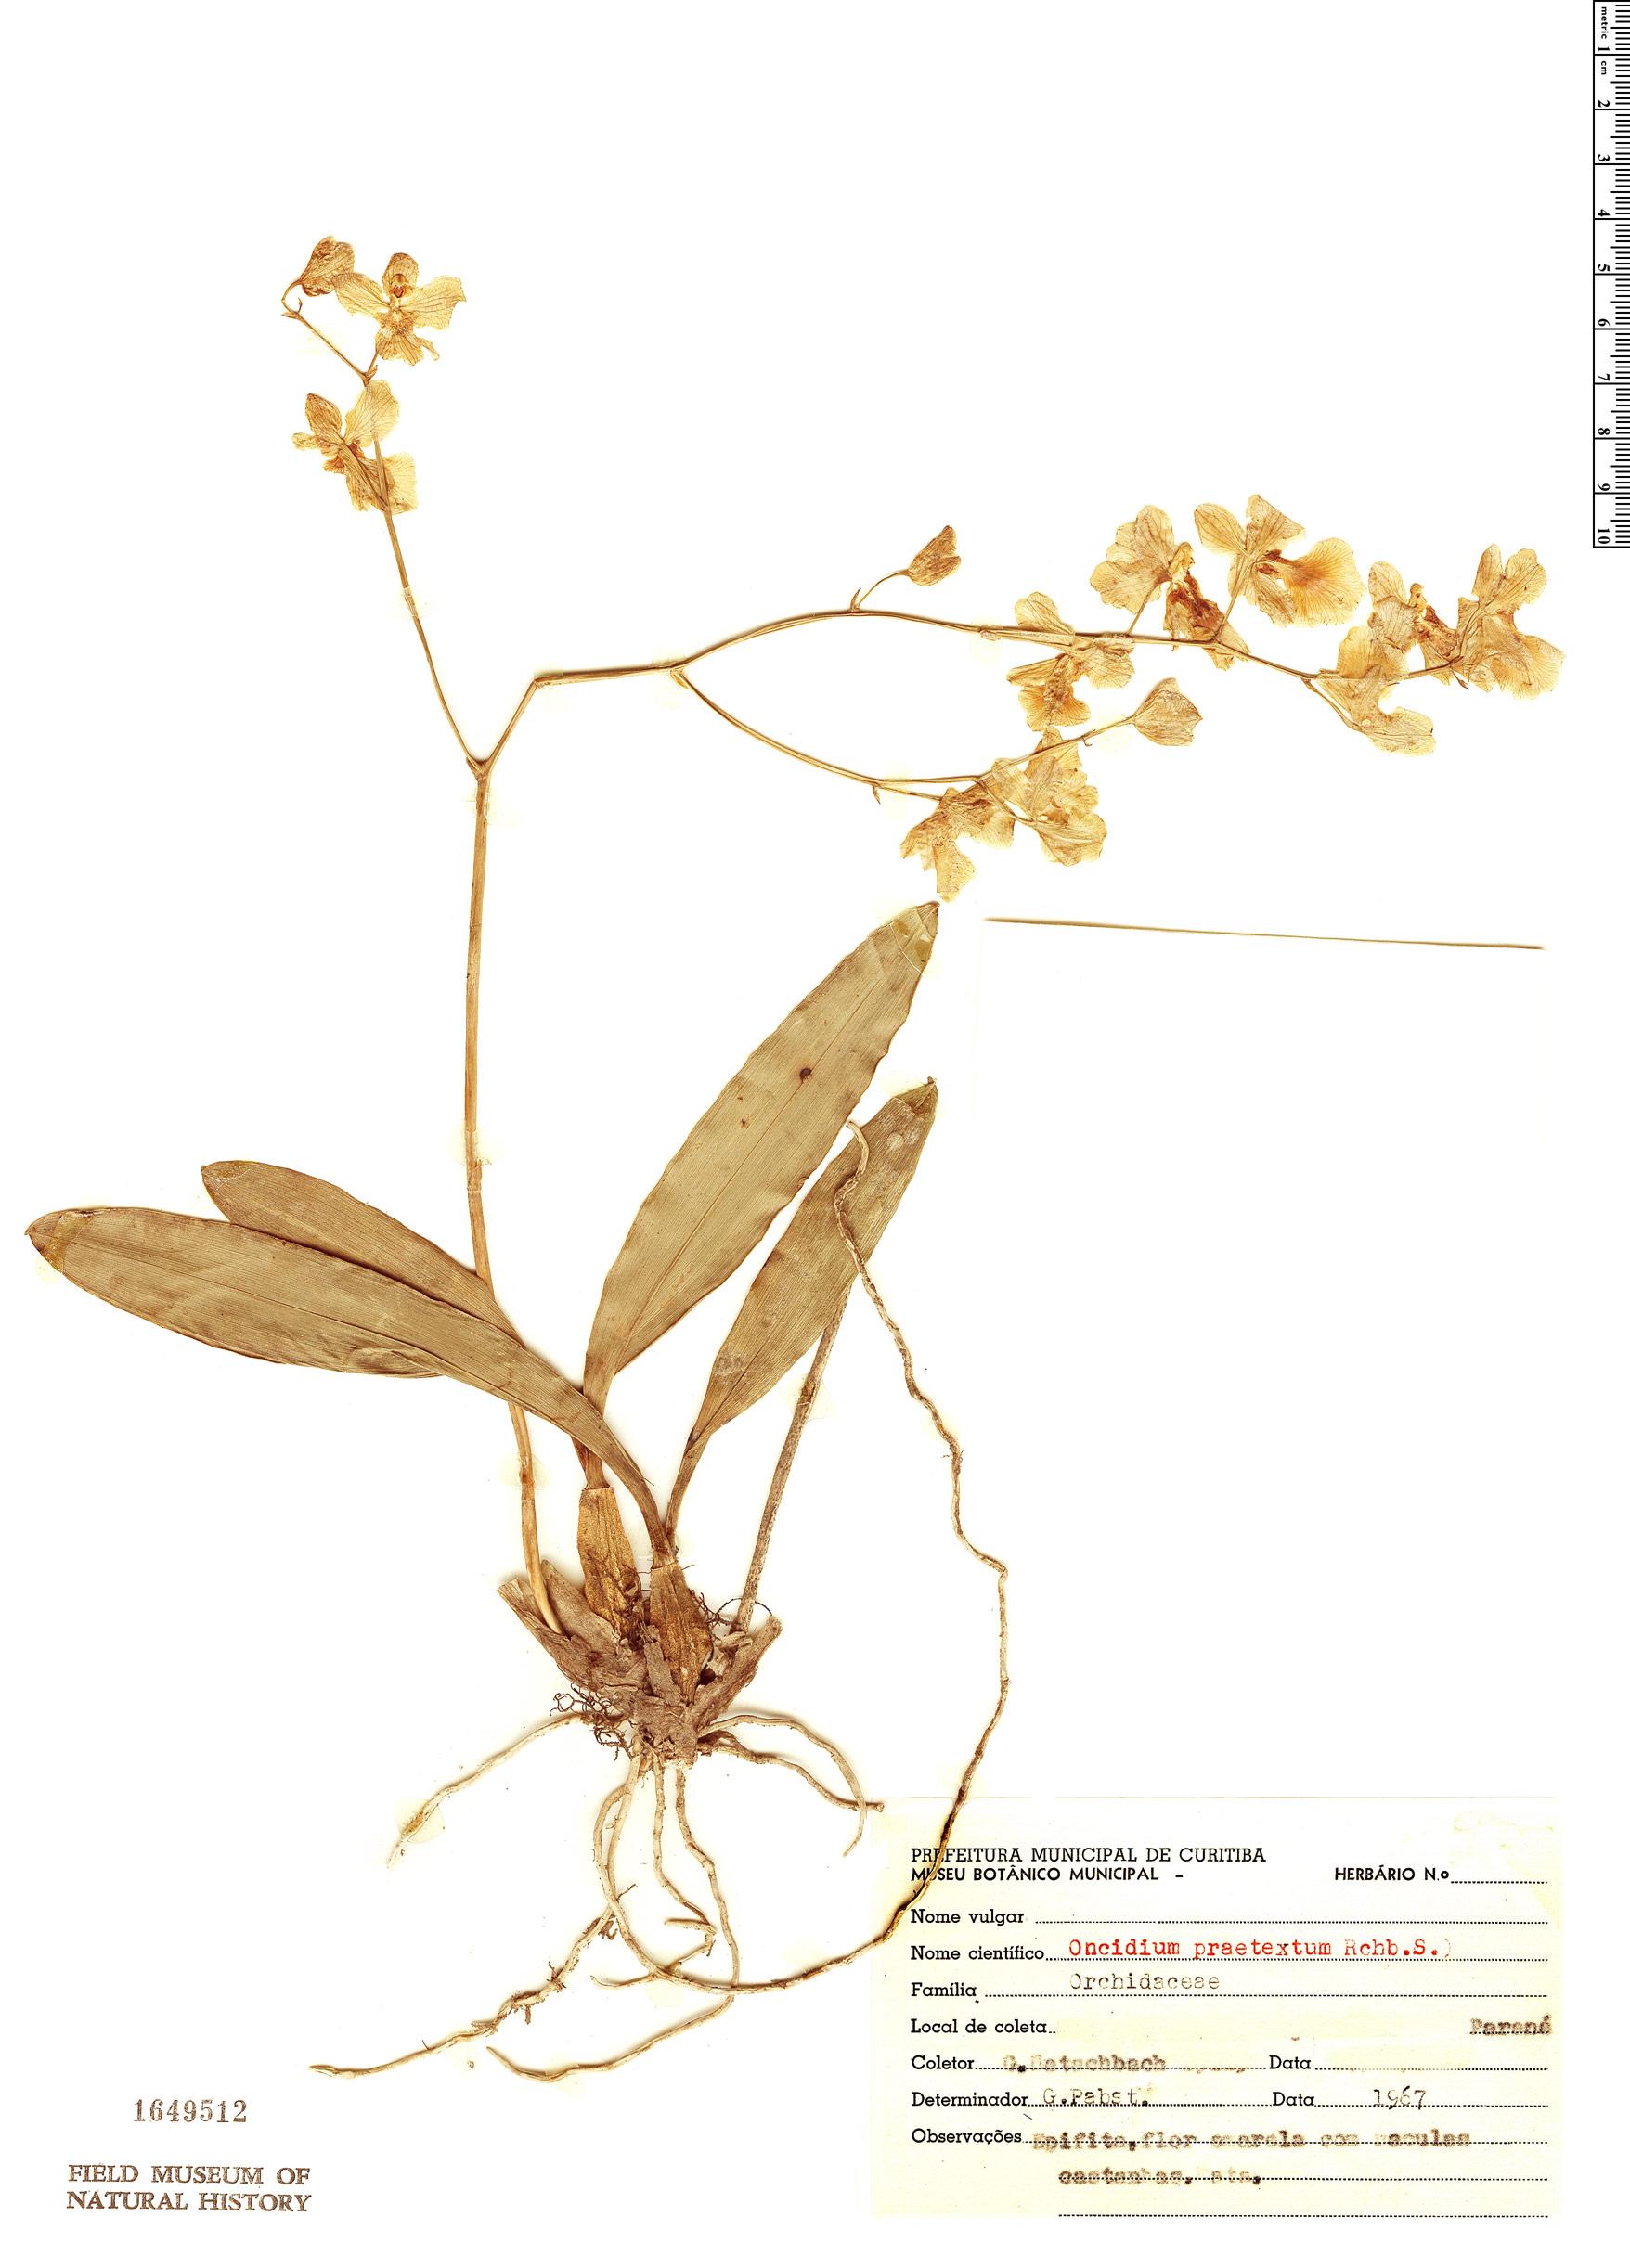 Specimen: Oncidium praetextum